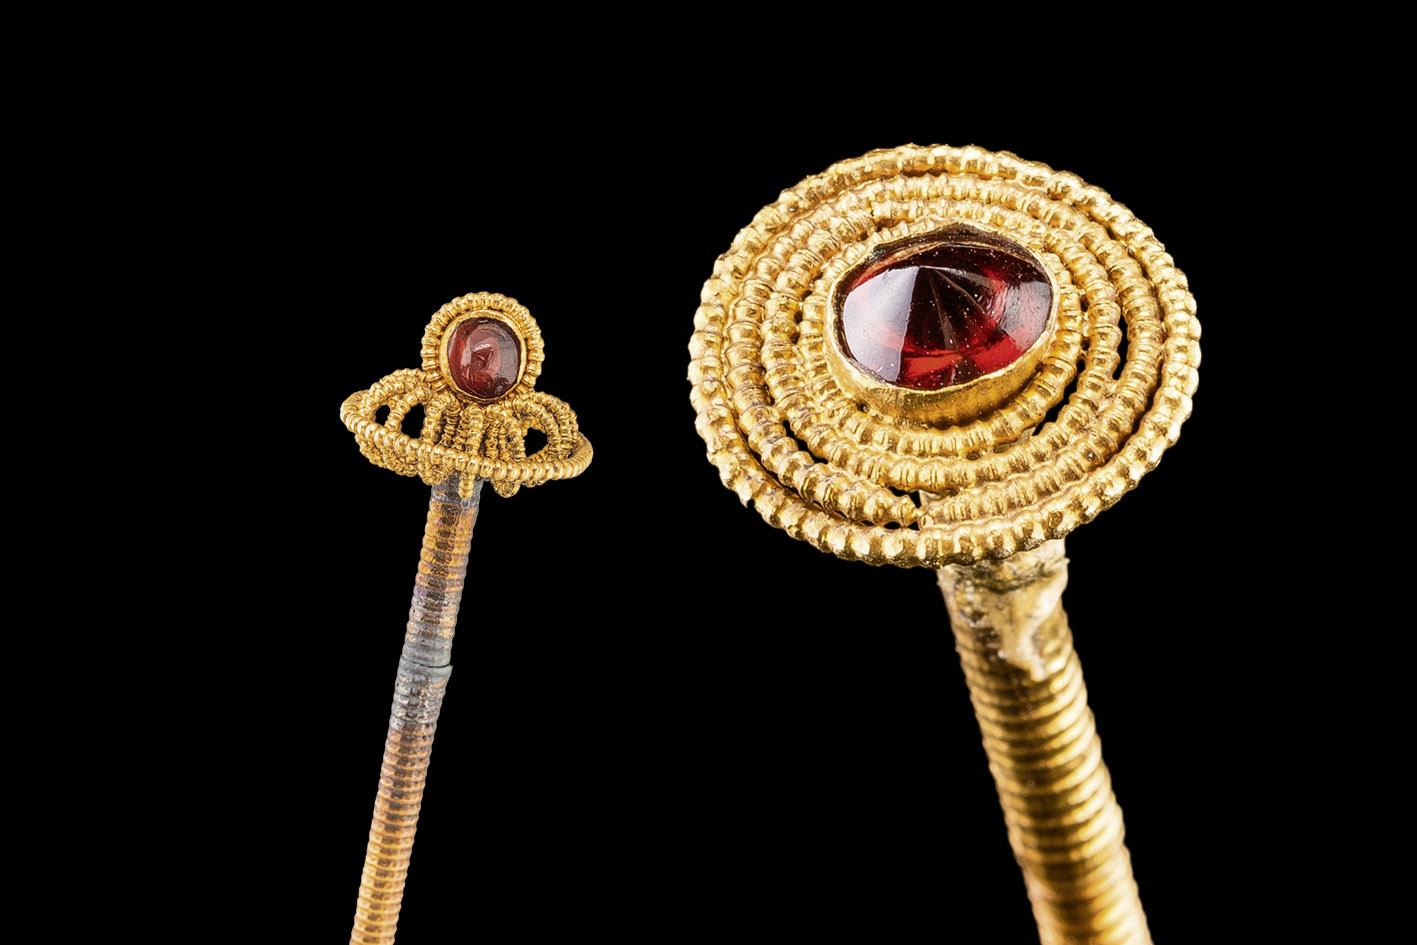 Zwei goldene Haarnadeln, filigran, mit roten Steinen besetzt